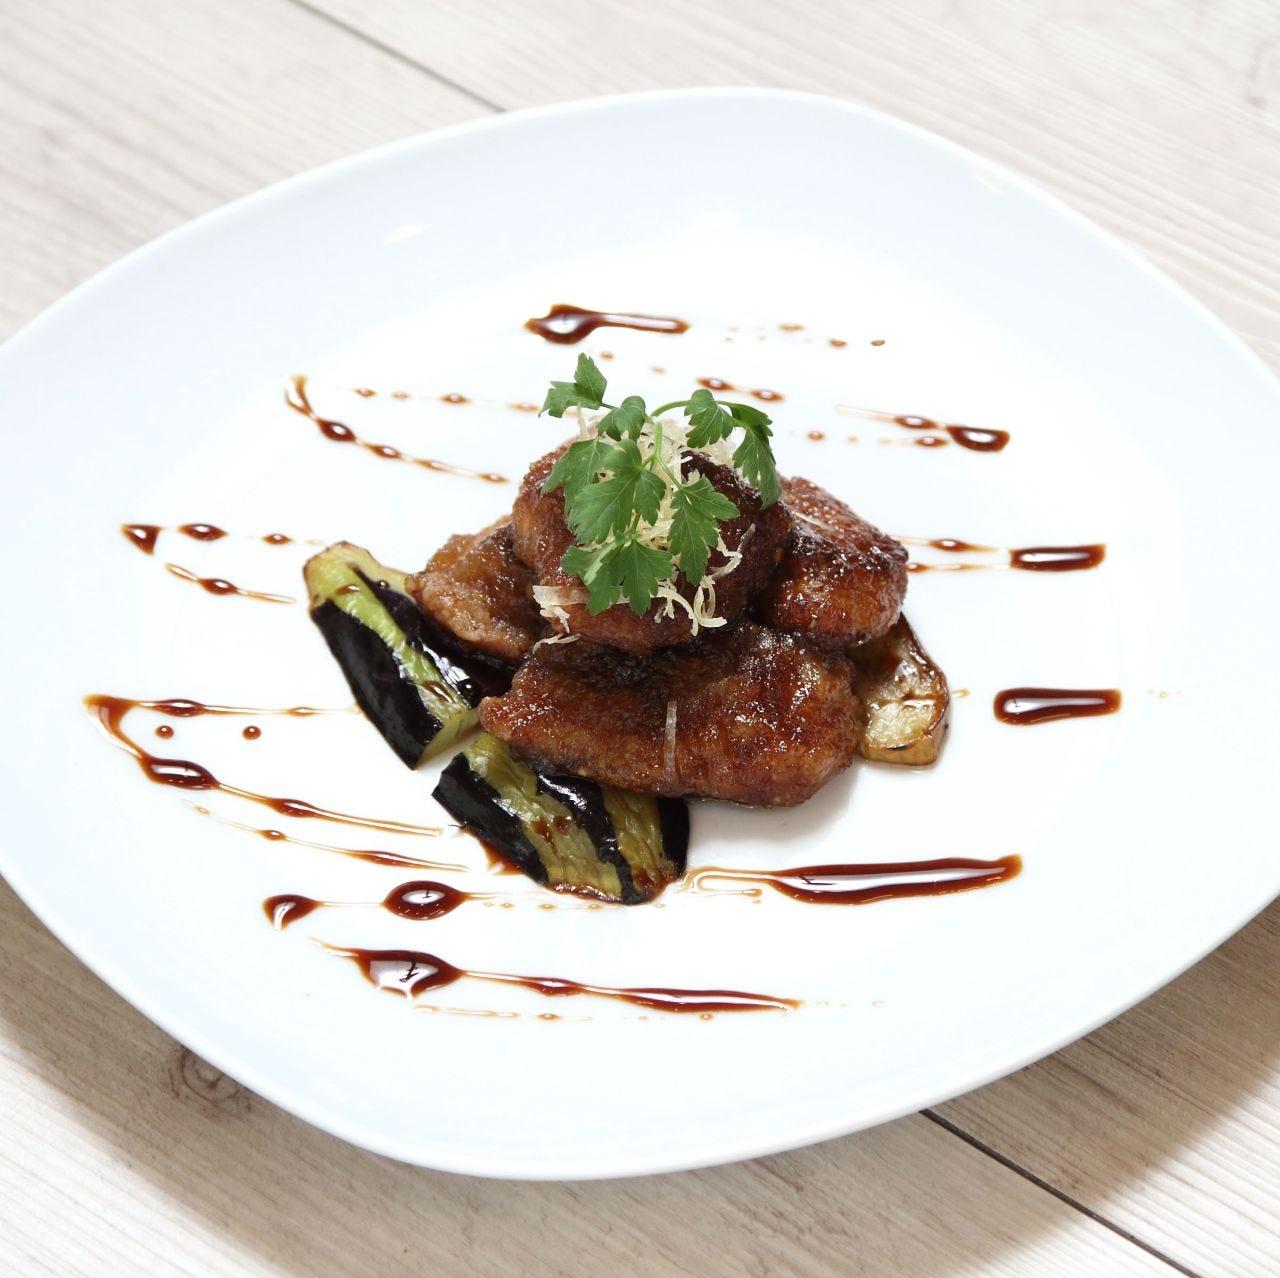 和食の粋を超えた創作料理